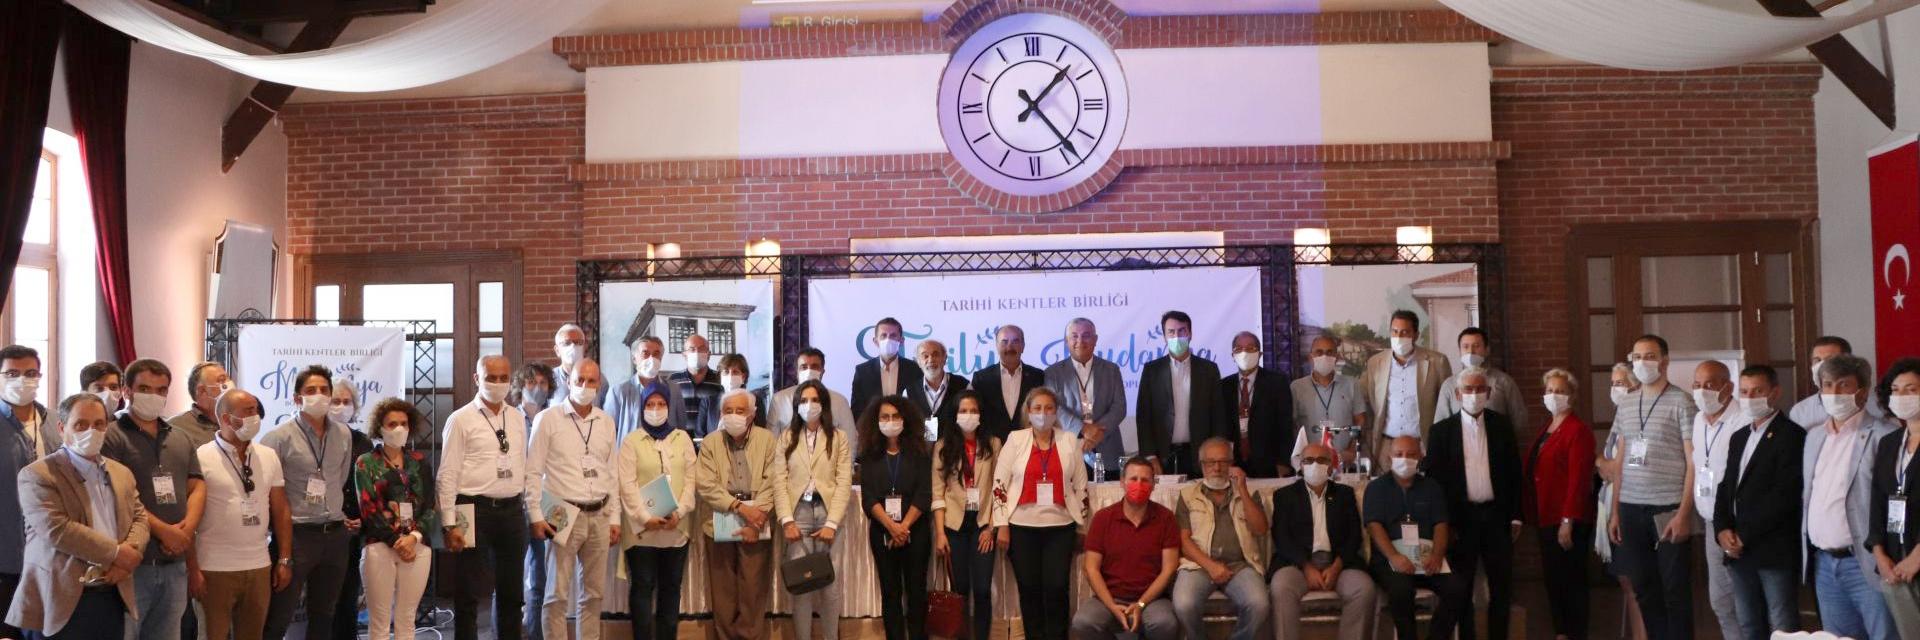 Mudanya Bölge Toplantısında Öne Çıkan Başlıklar